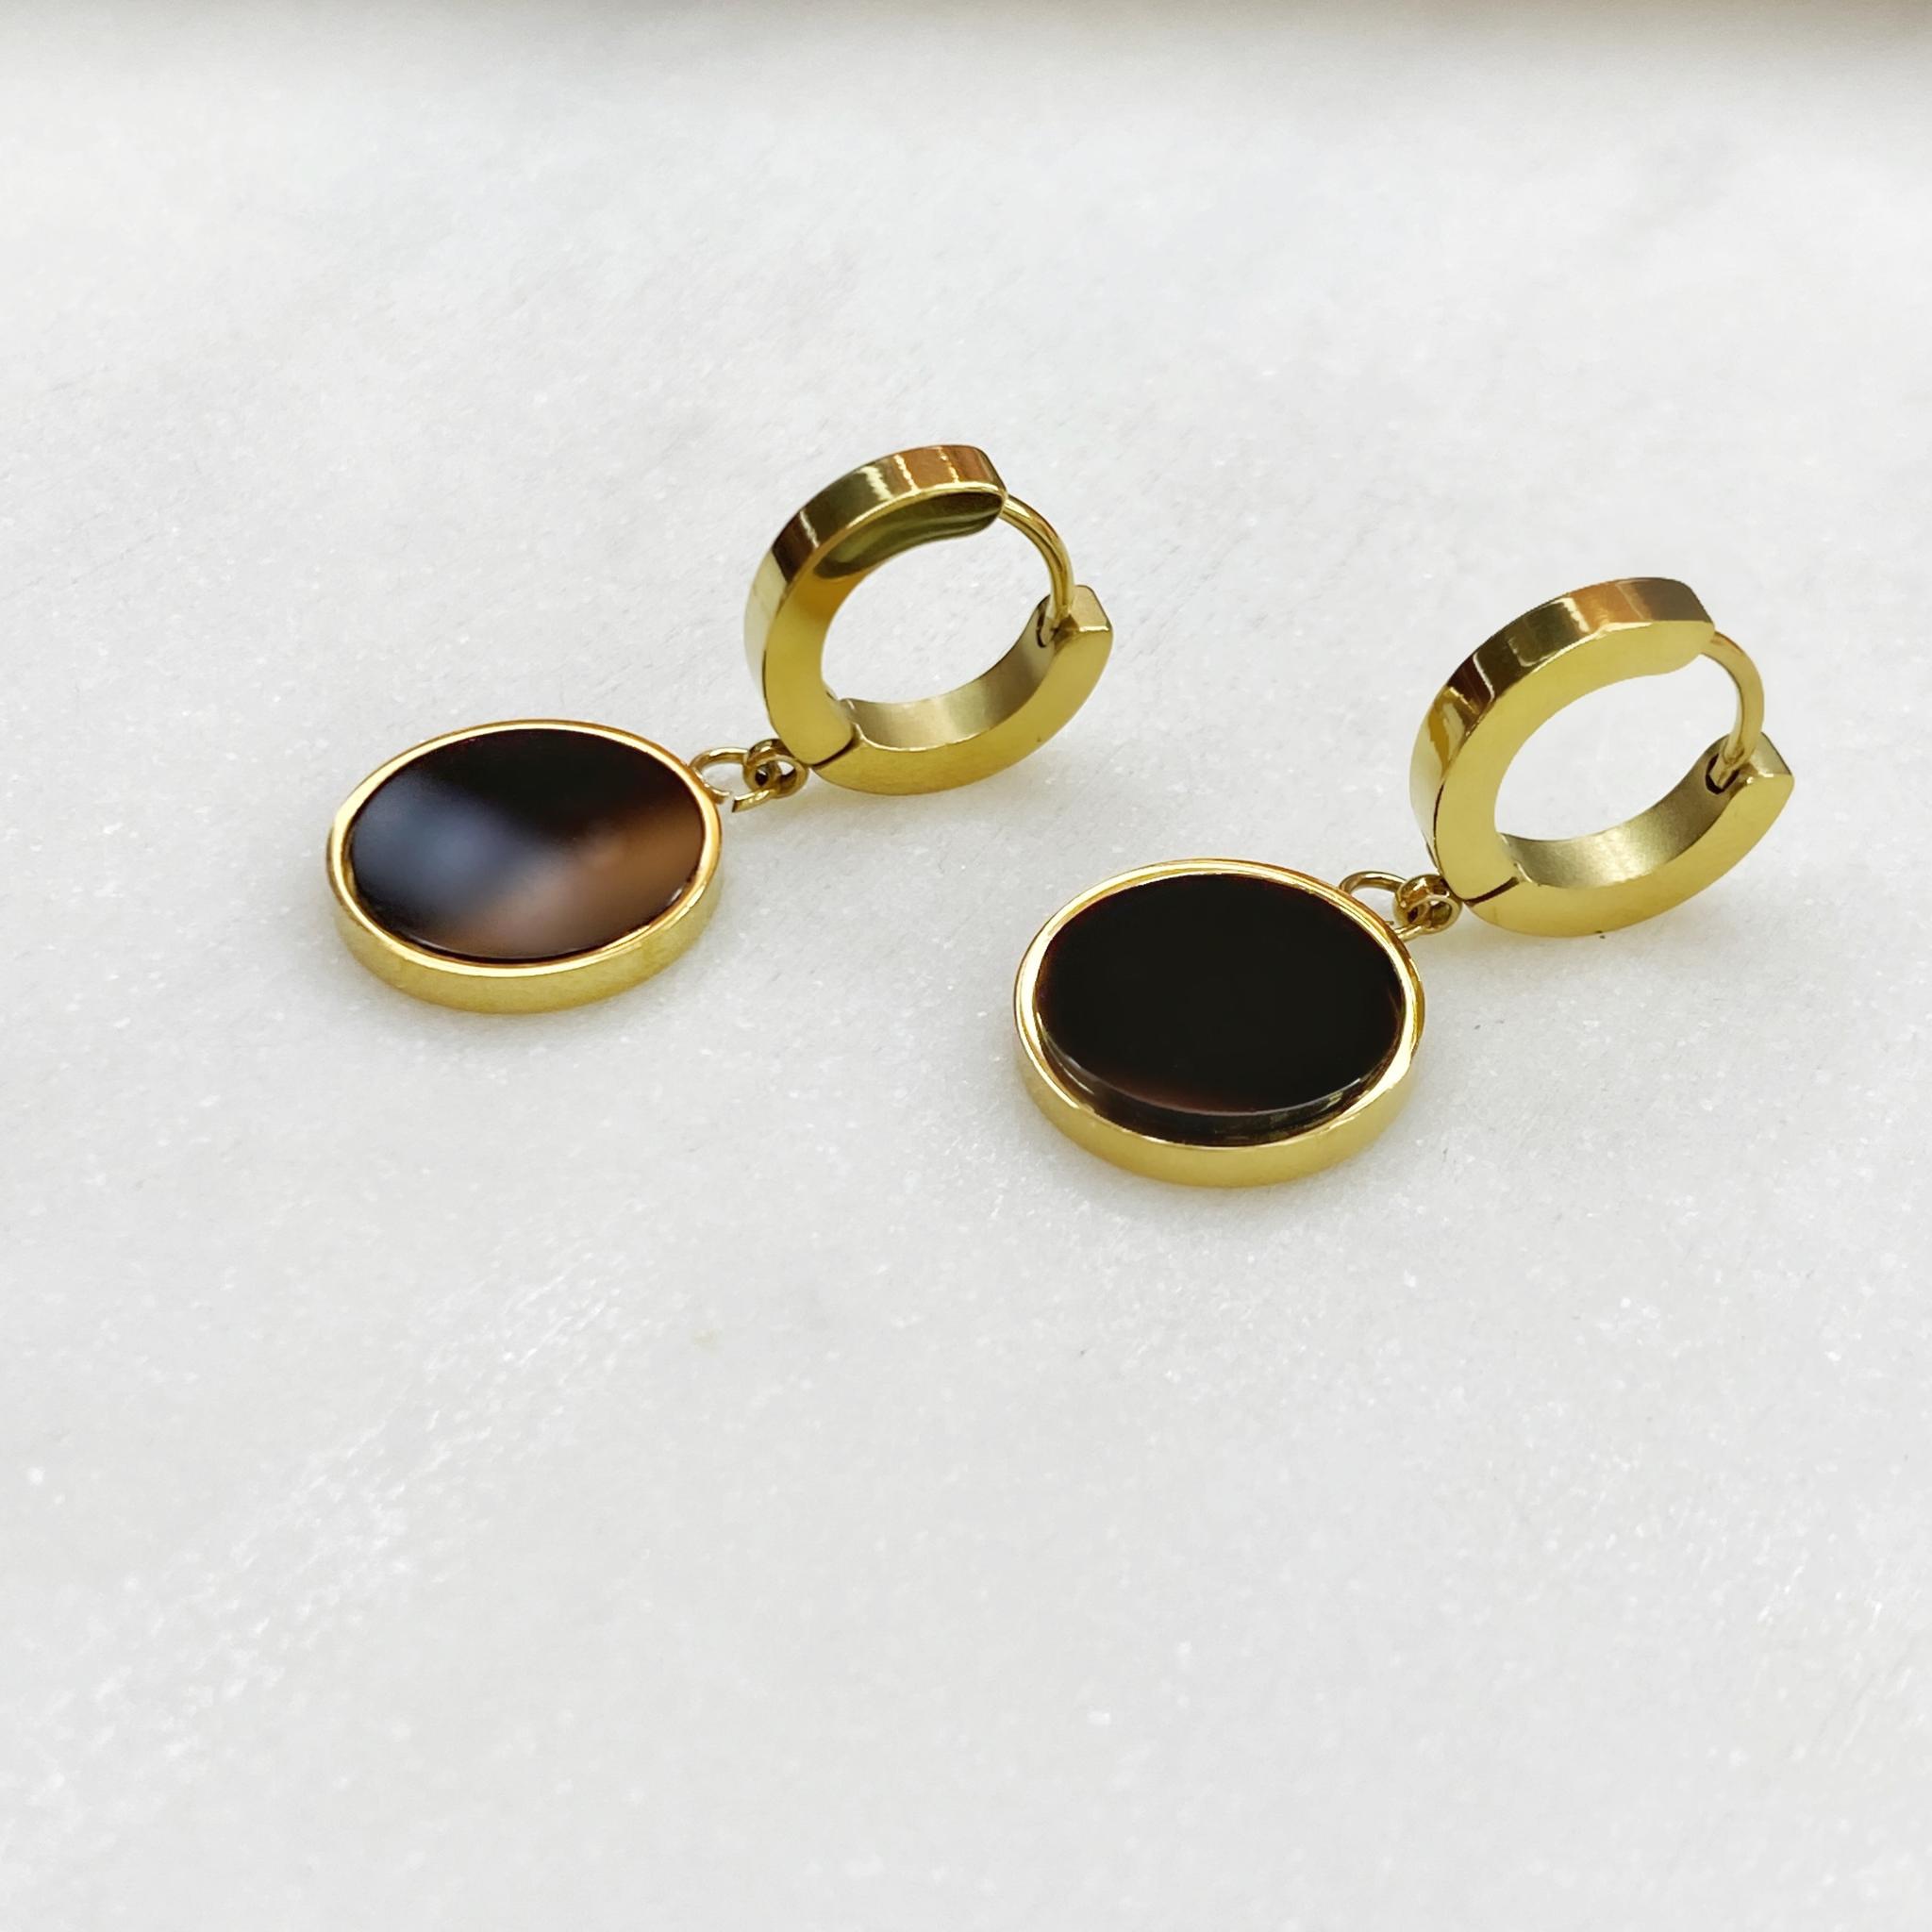 Серьги-конго с круглыми подвесками, сталь (черный, золотистый)